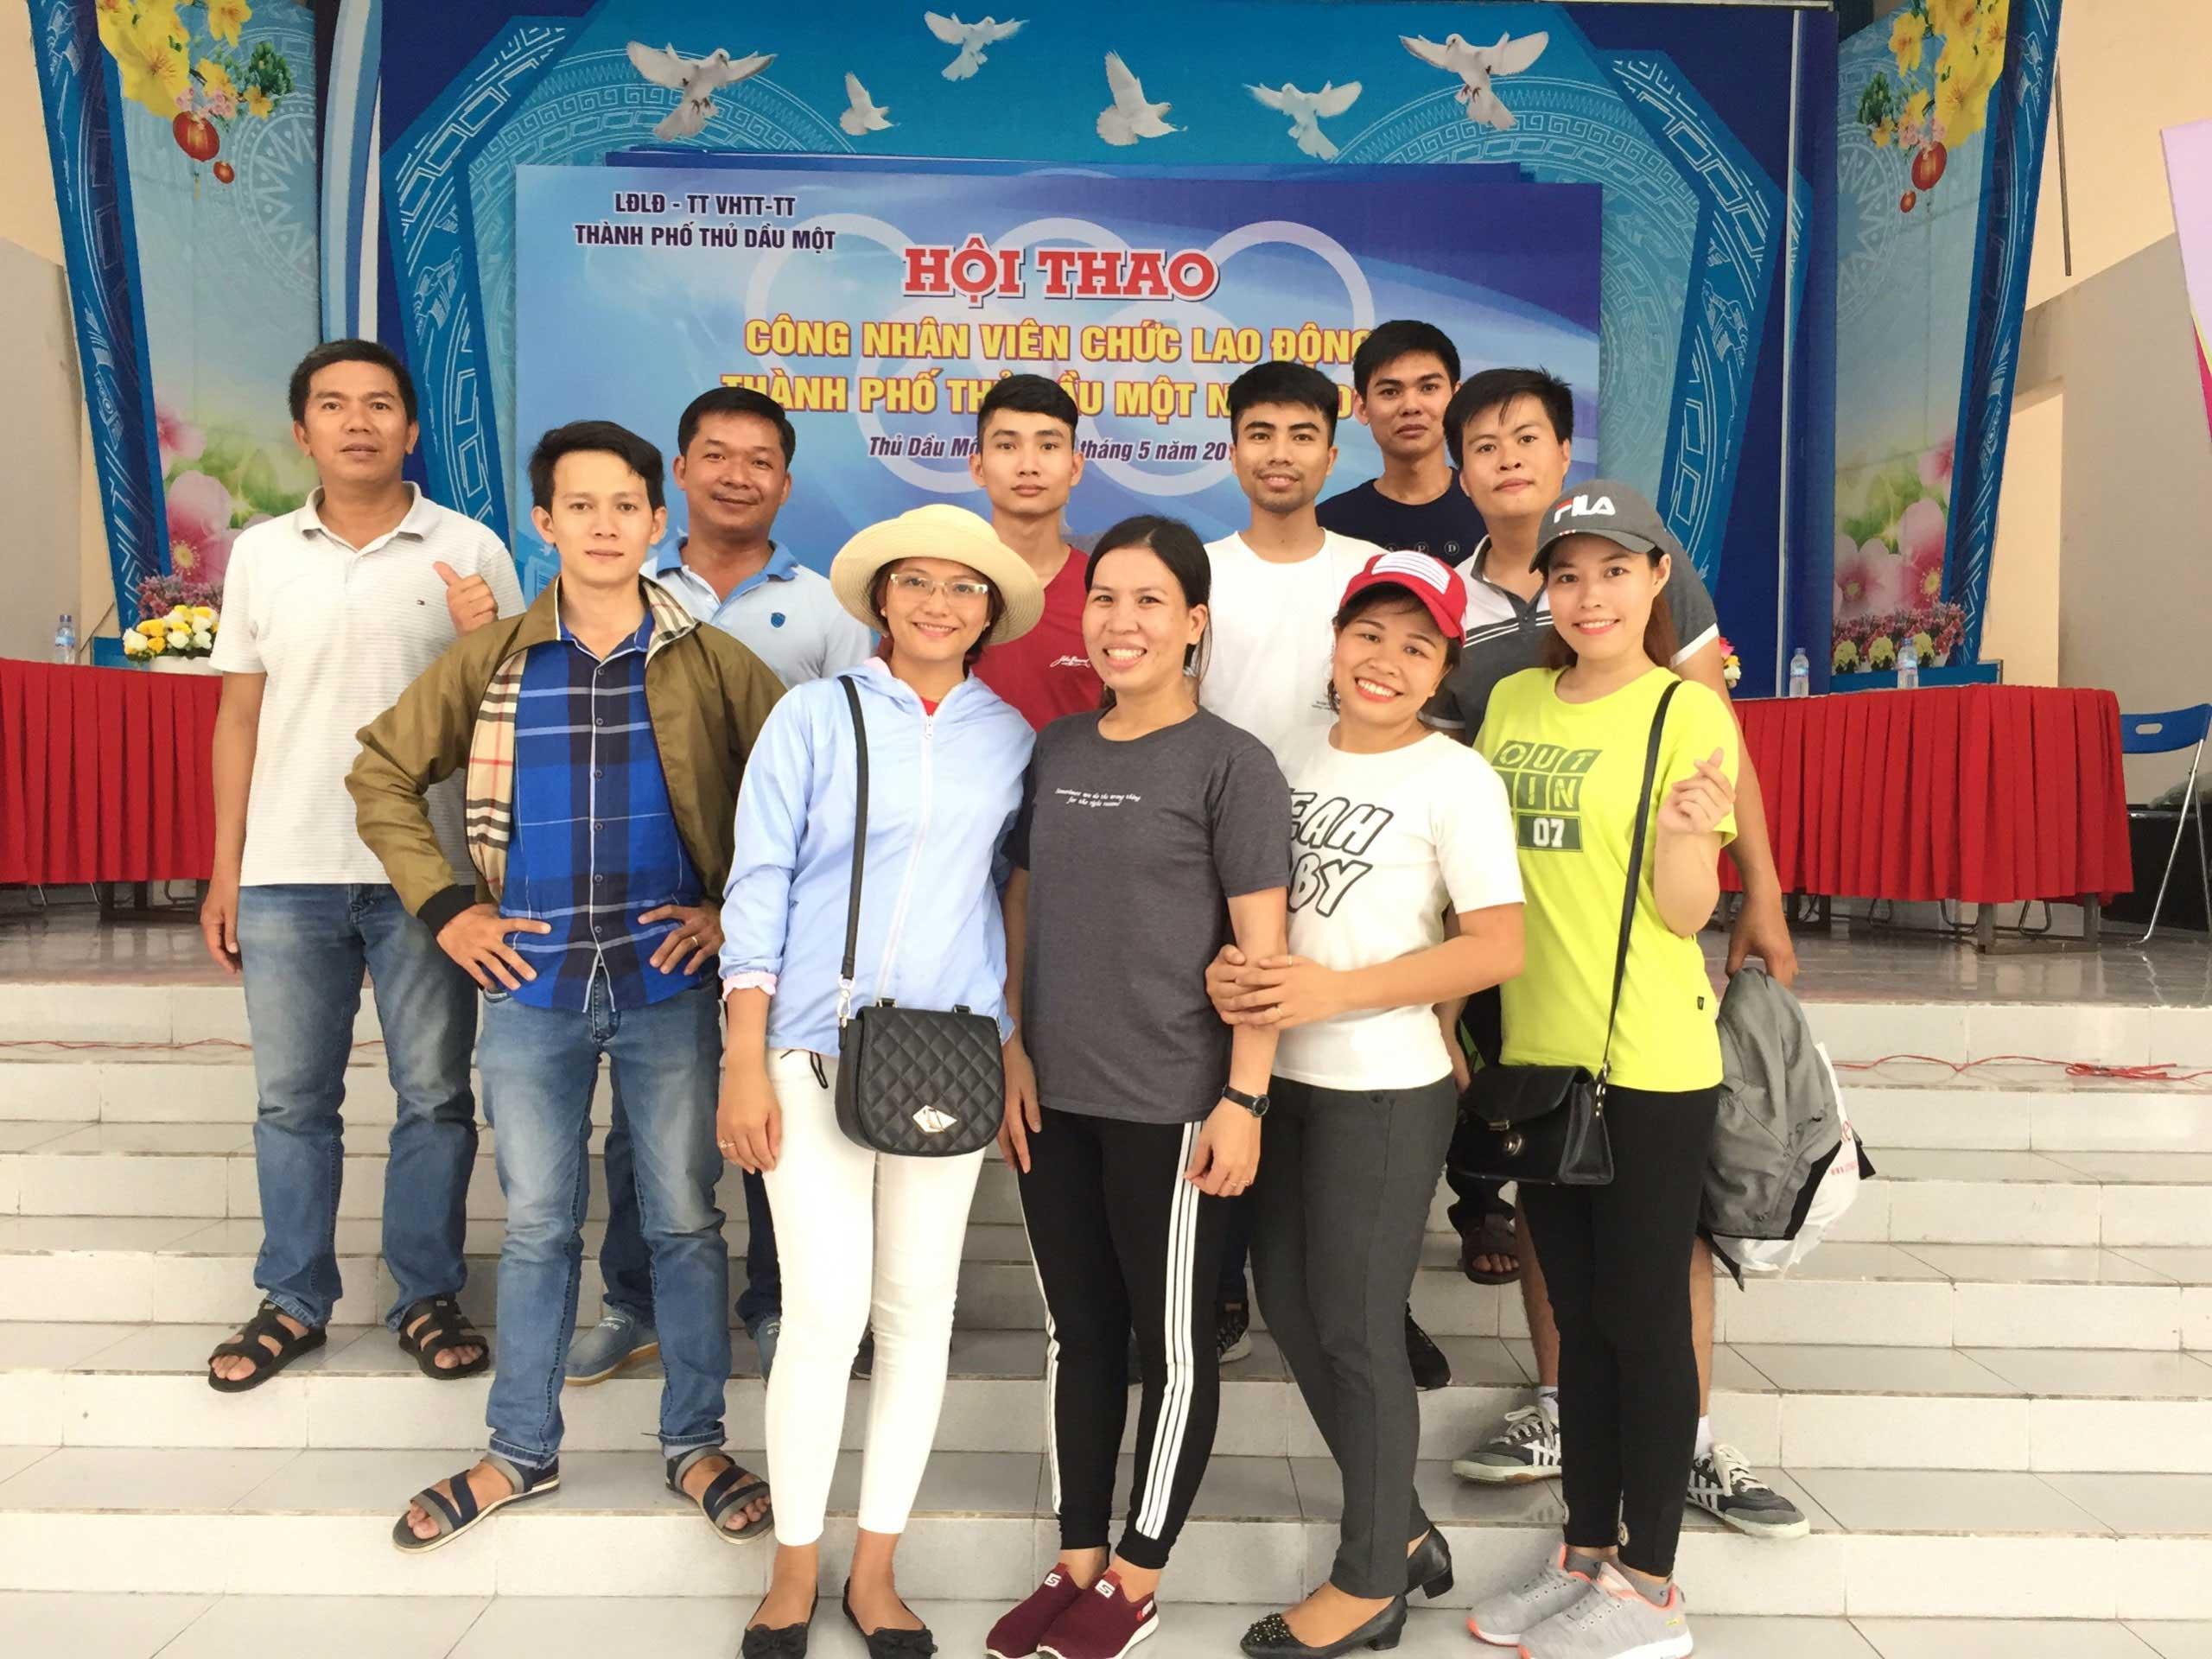 Hội thao CNVC- người lao động TP Thủ Dầu Một 2018